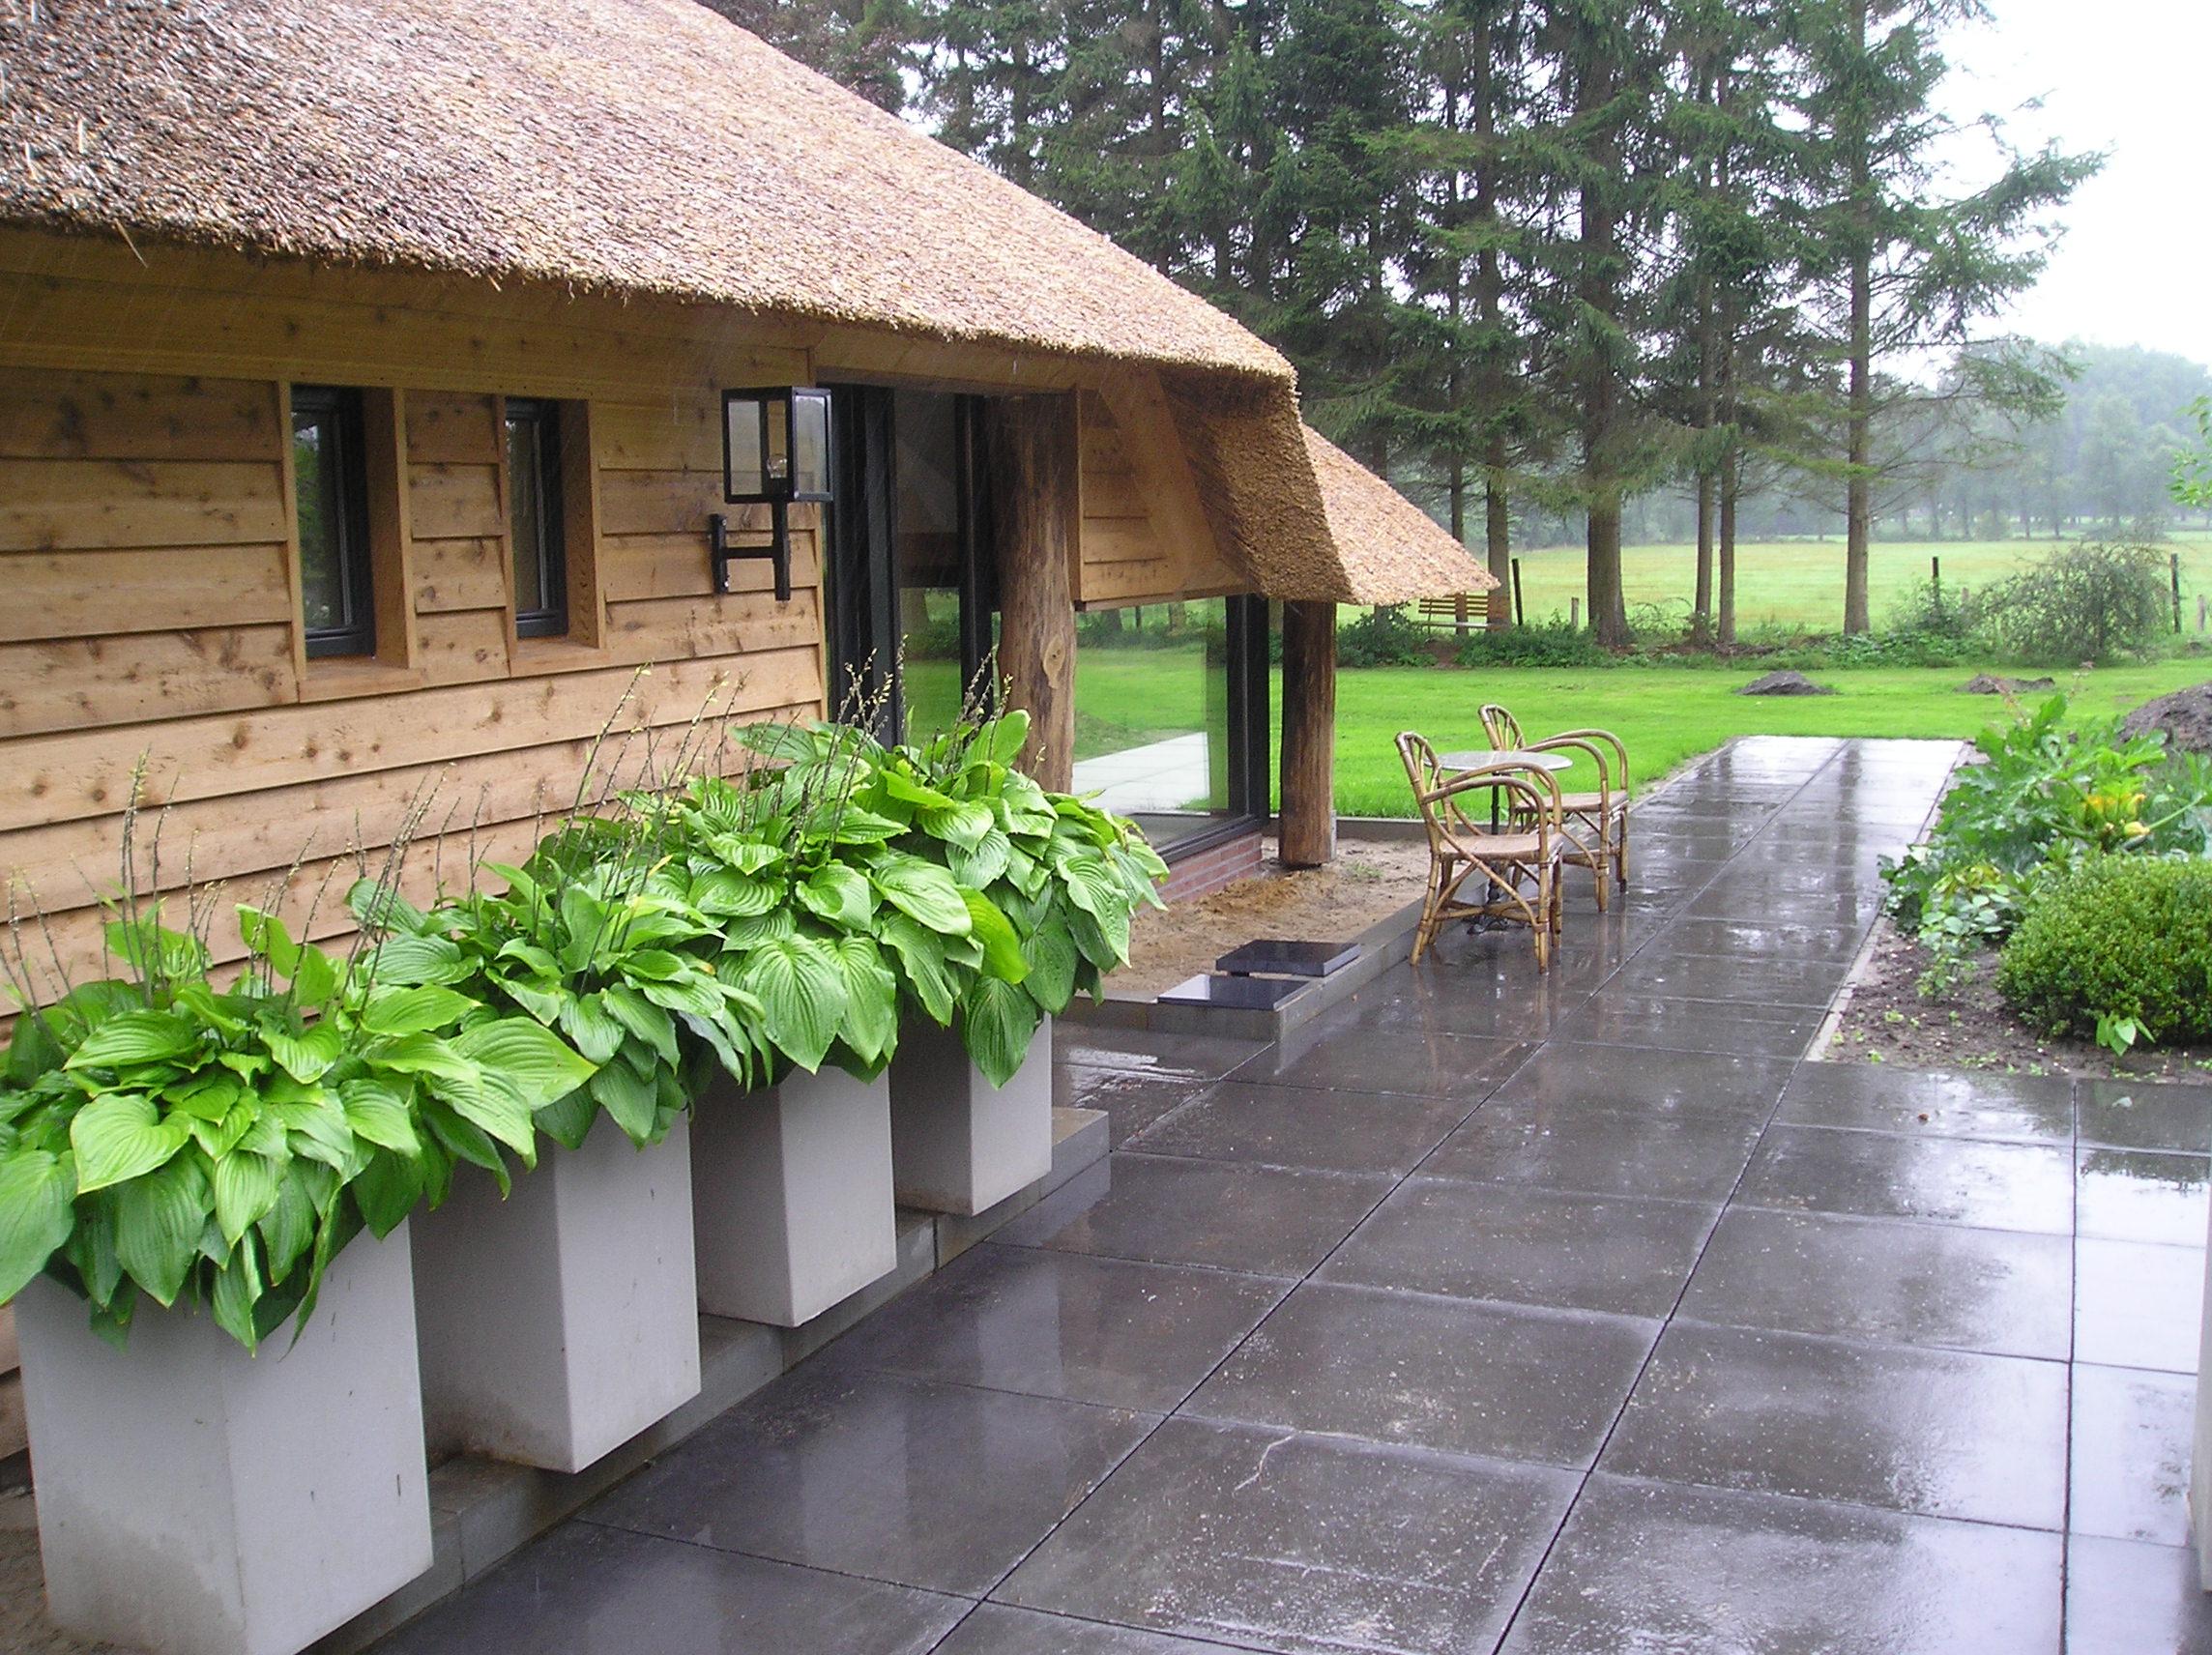 Vos tuinvisie hoveniernederland for Aanleg kleine tuin